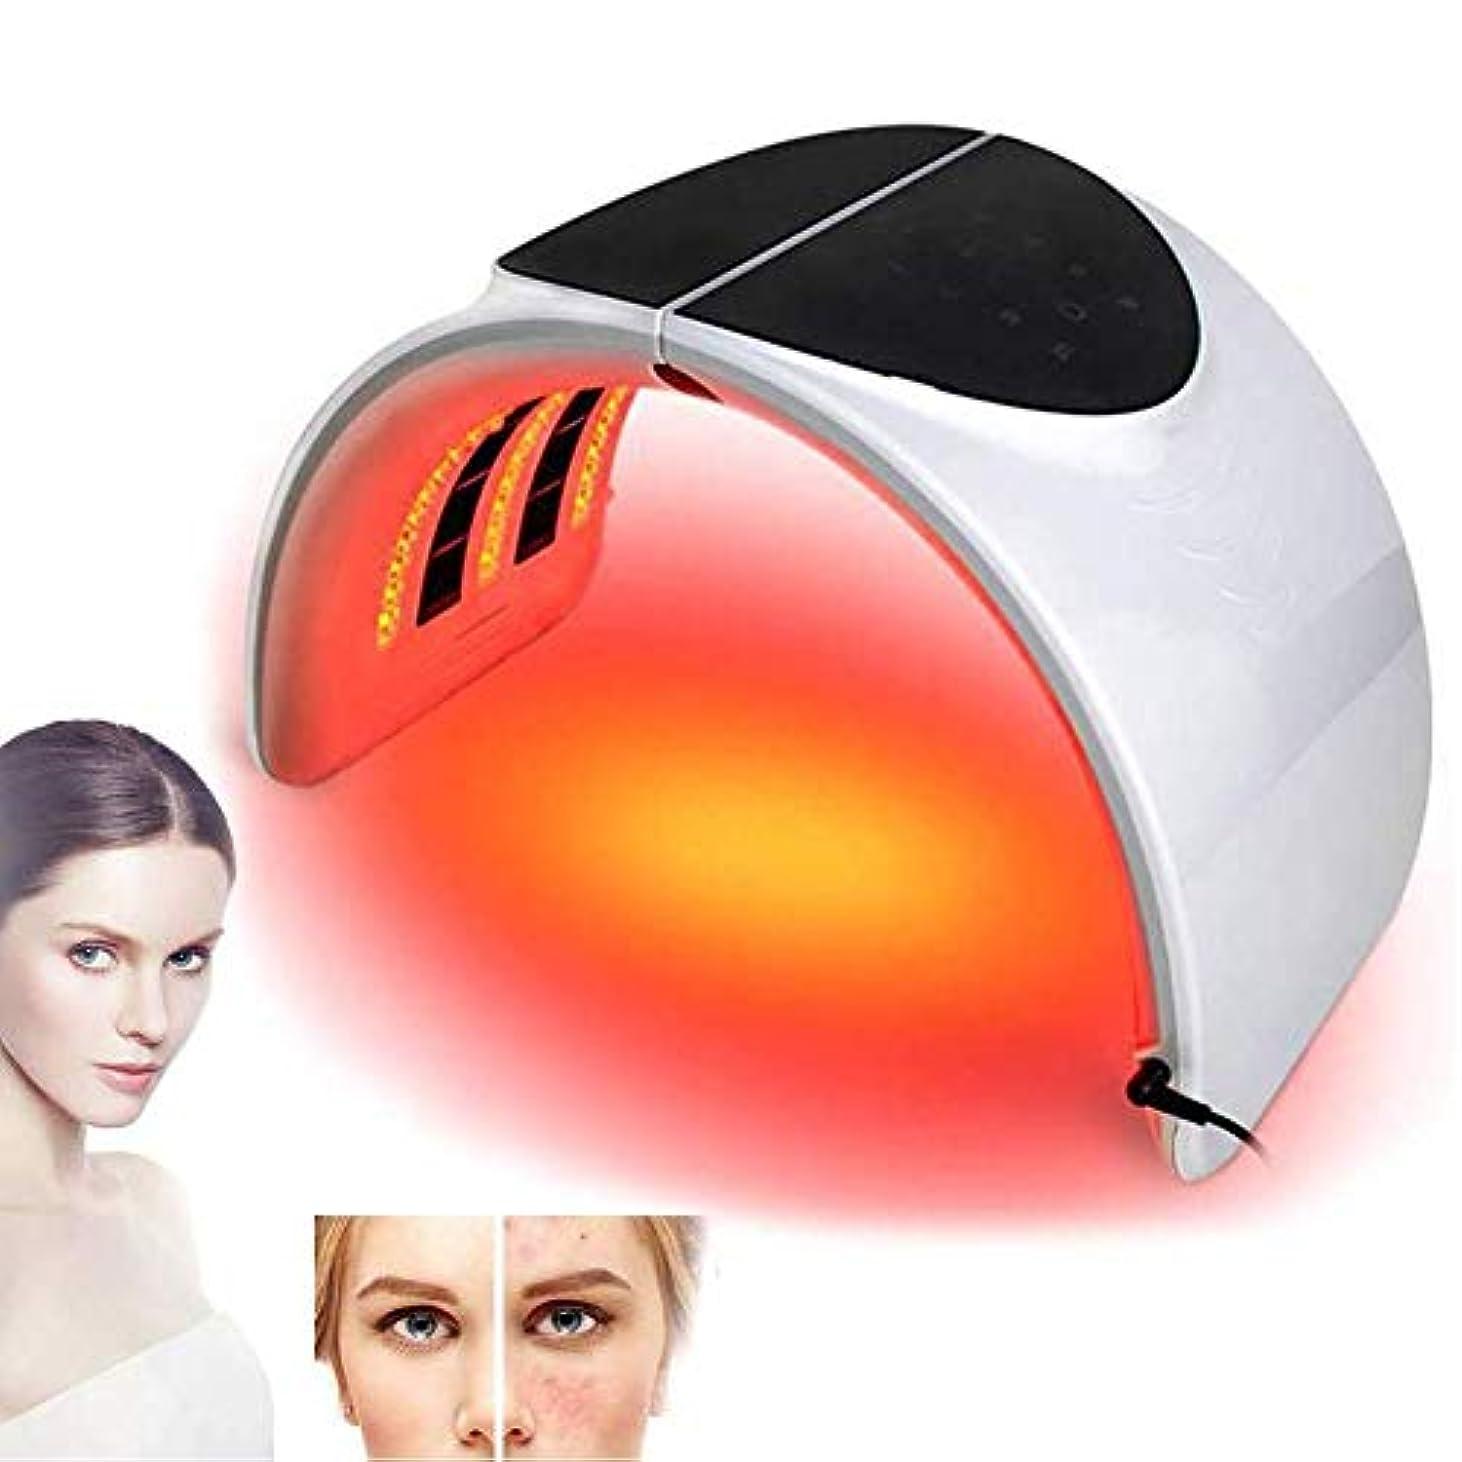 私達始める篭7色LEDフォトンライトセラピー美容機折り畳み式PDTフェイシャルビューティー肌の若返り抗しわマスクデバイス